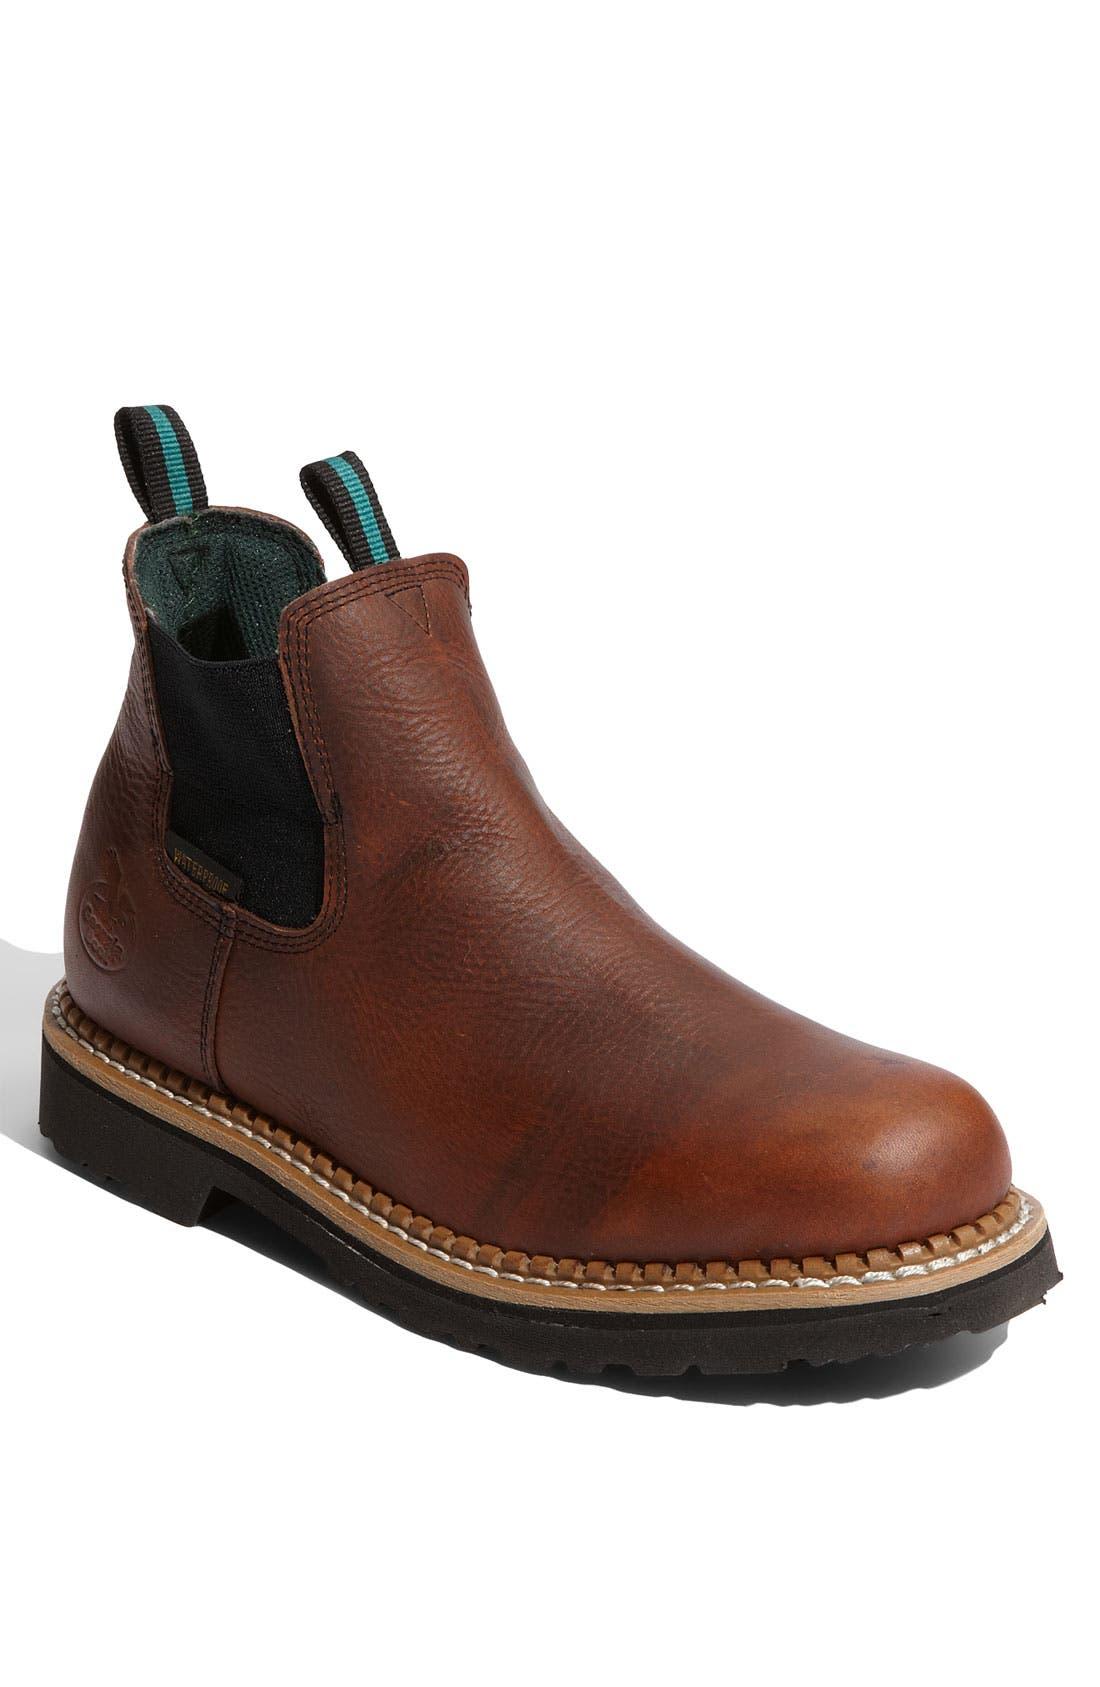 Alternate Image 1 Selected - Georgia Boot 'Romeo' Waterproof Boot